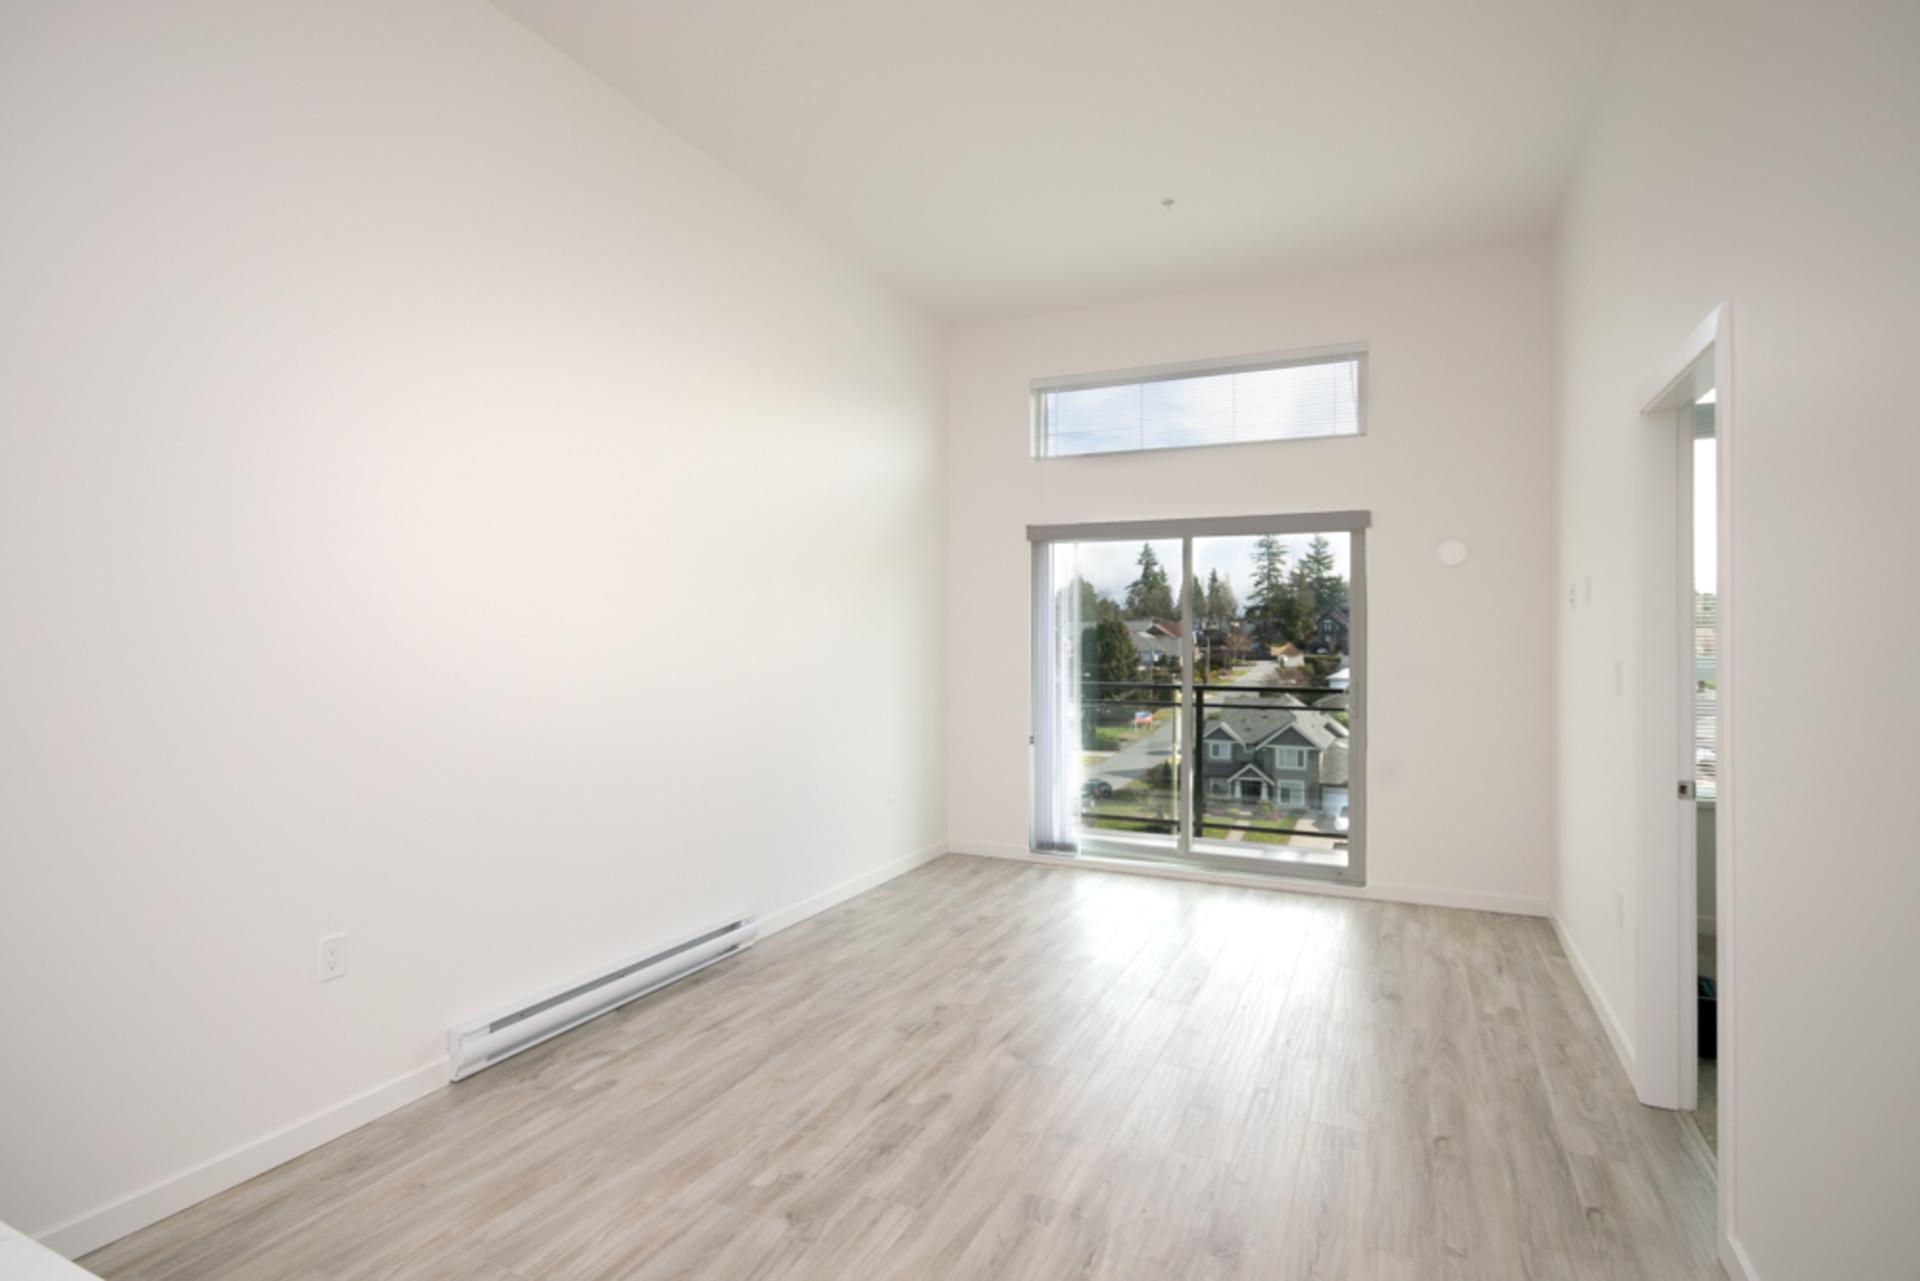 Living Room at 605 - 621 Regan, Coquitlam